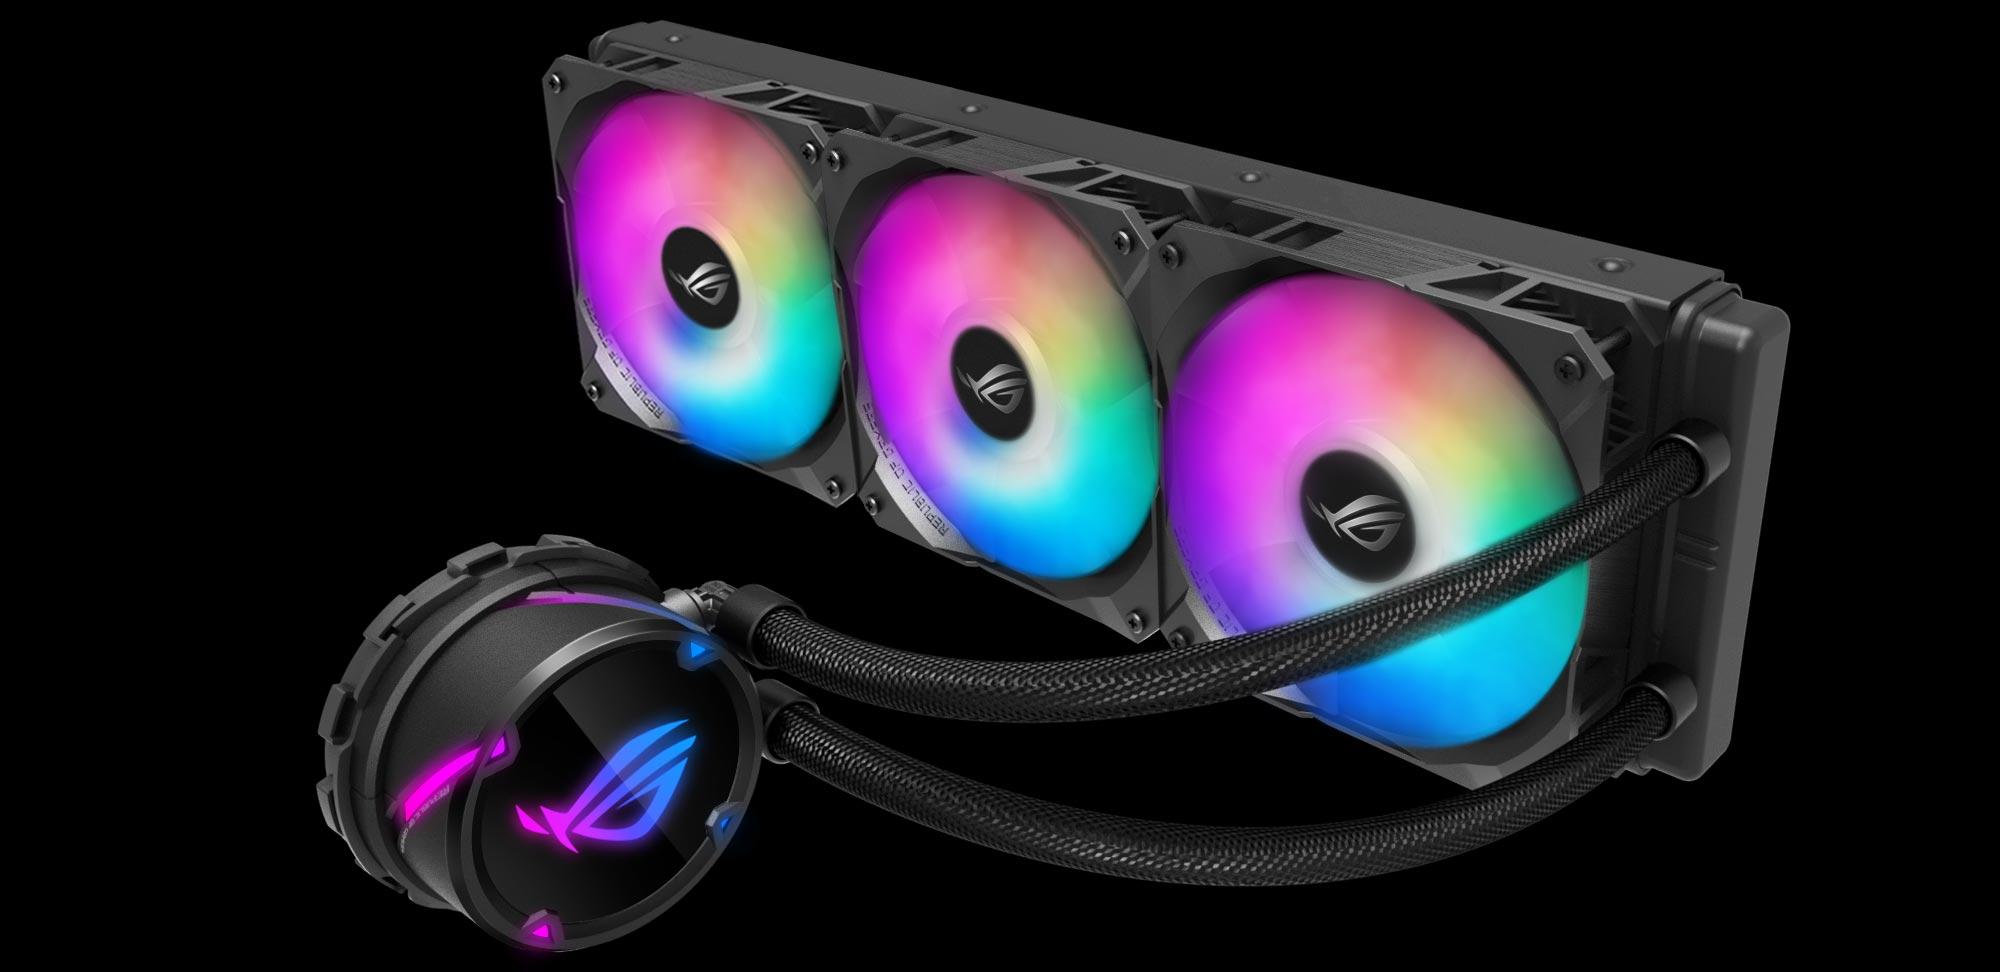 ROG-STRIX-LC-360-RGB